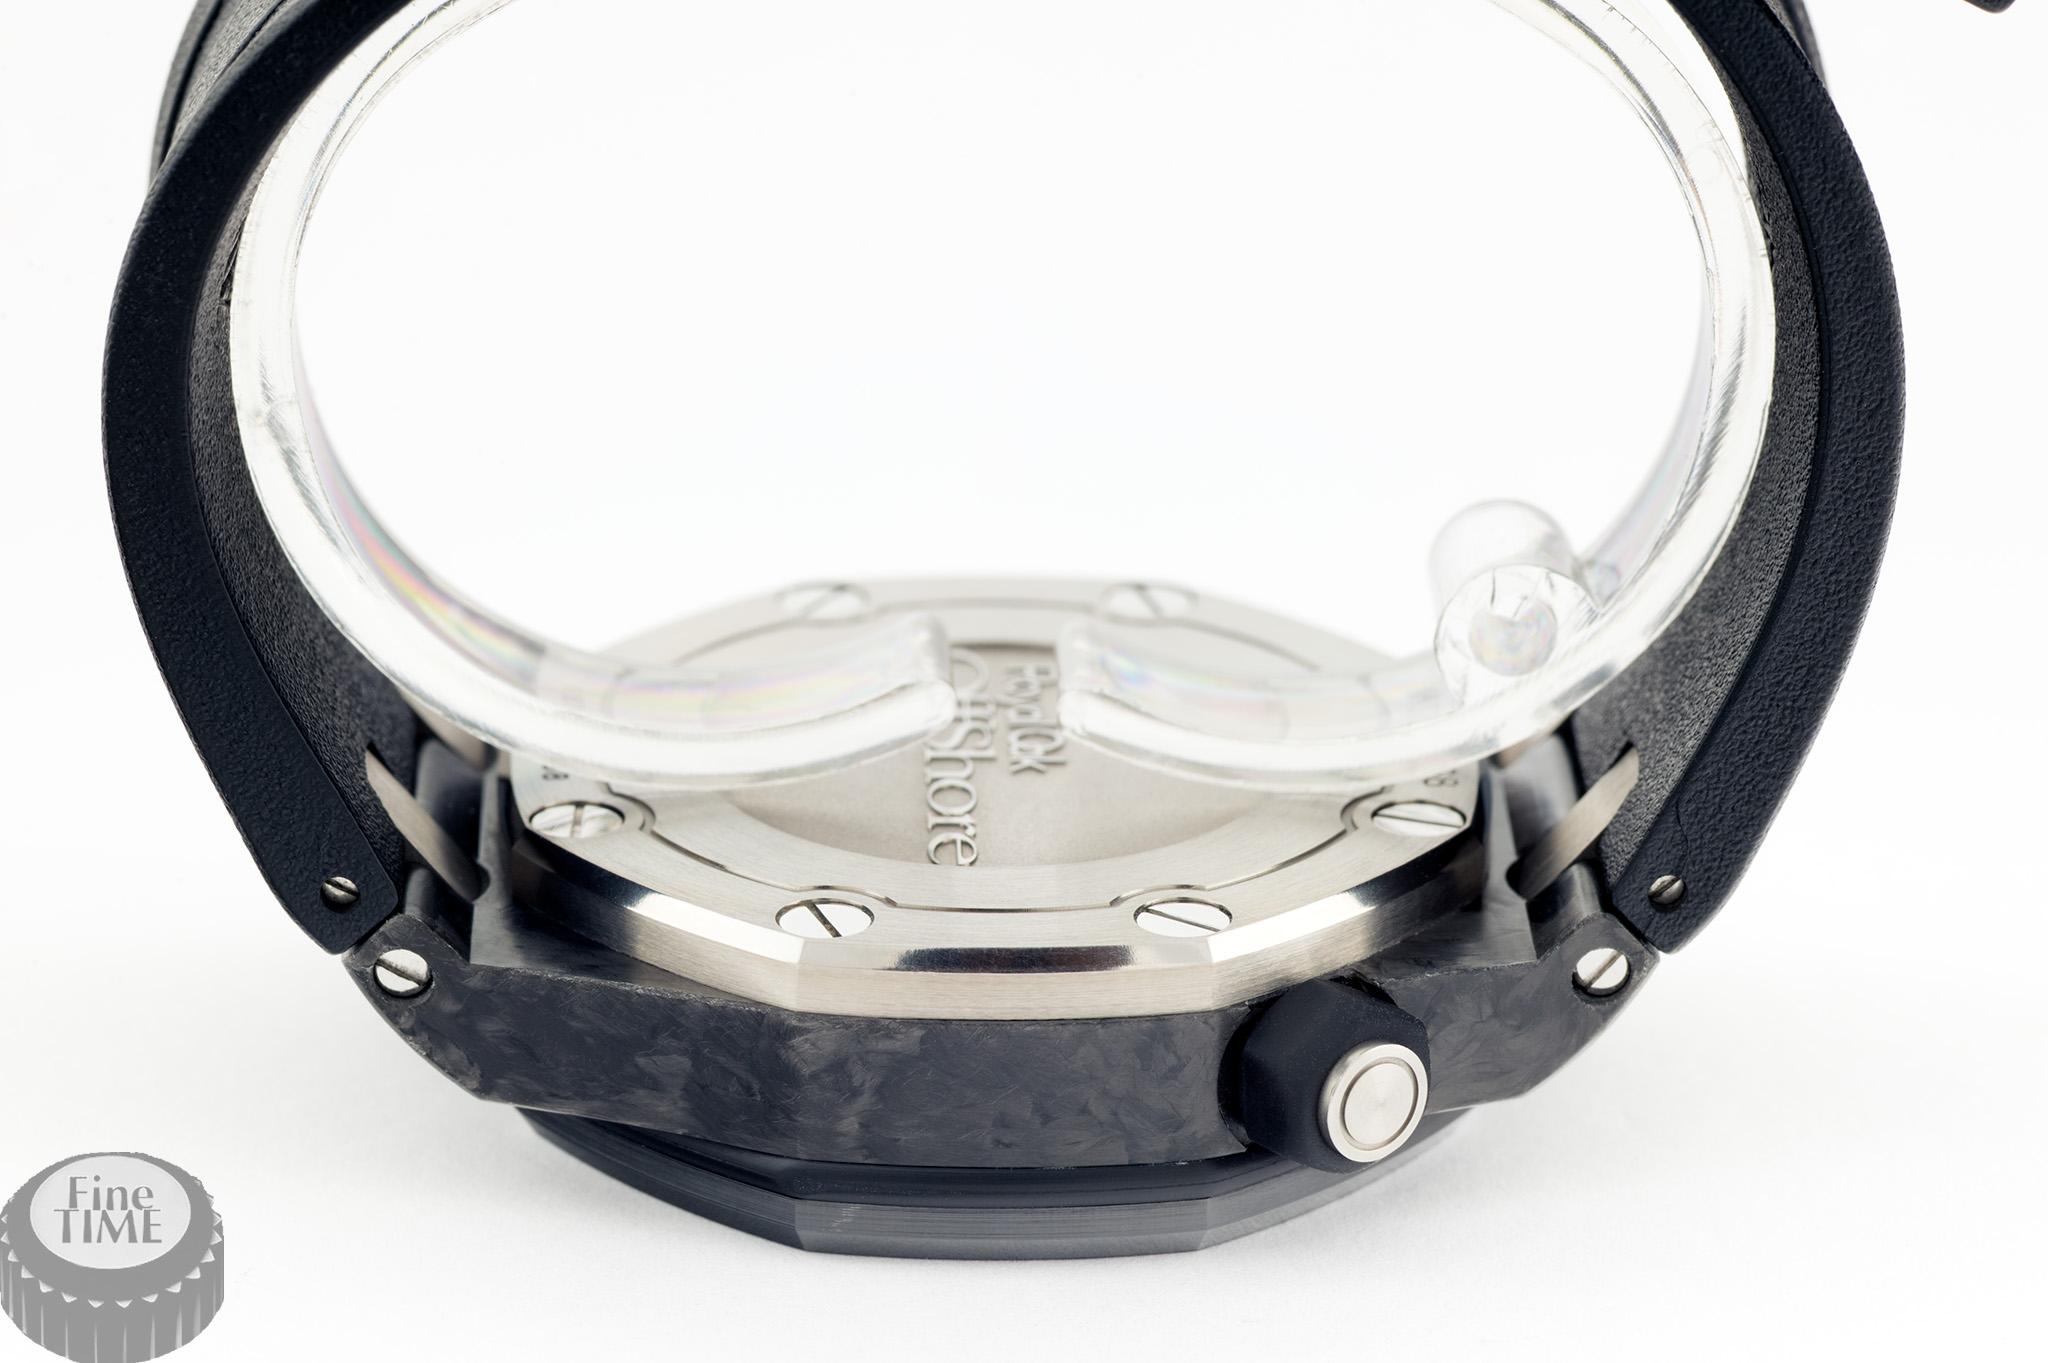 Audemars Piguet Royal Oak Offshore Diver Carbon 15706AU